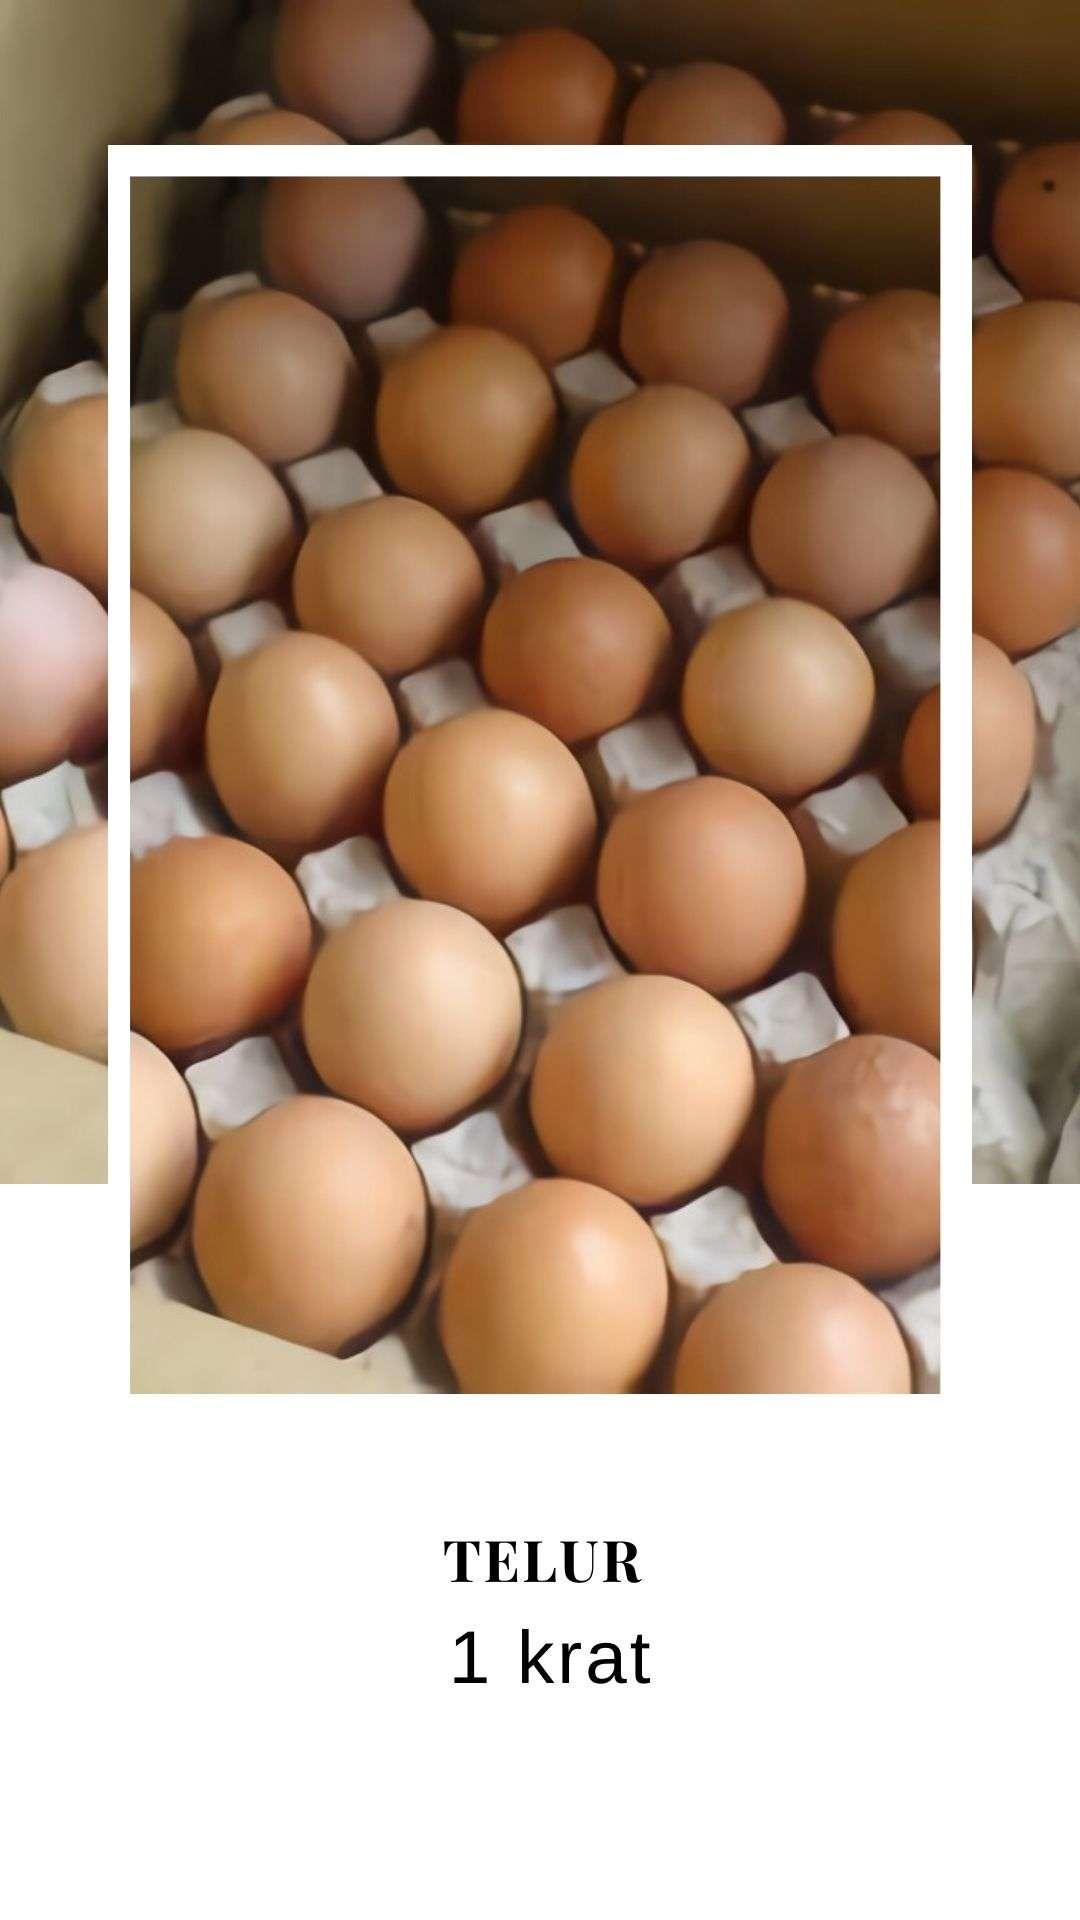 masak-telur-di-rumah